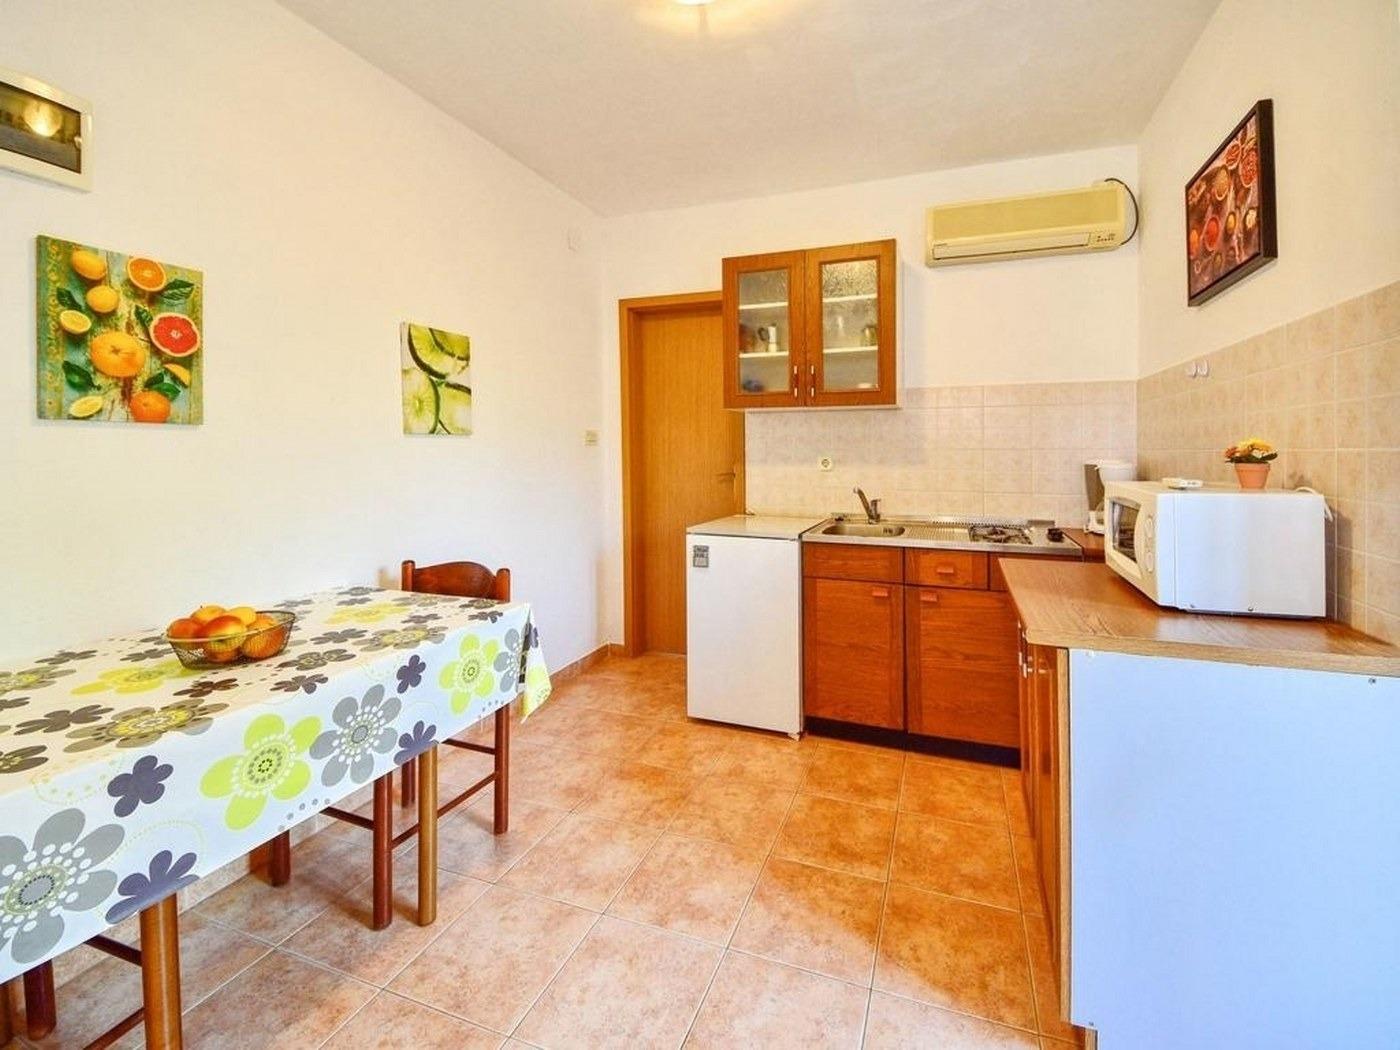 Appartement de vacances Marija A1(2+1) Prizemlje - Cres (739199), Cres (Stadt), Île de Cres, Kvarner, Croatie, image 7